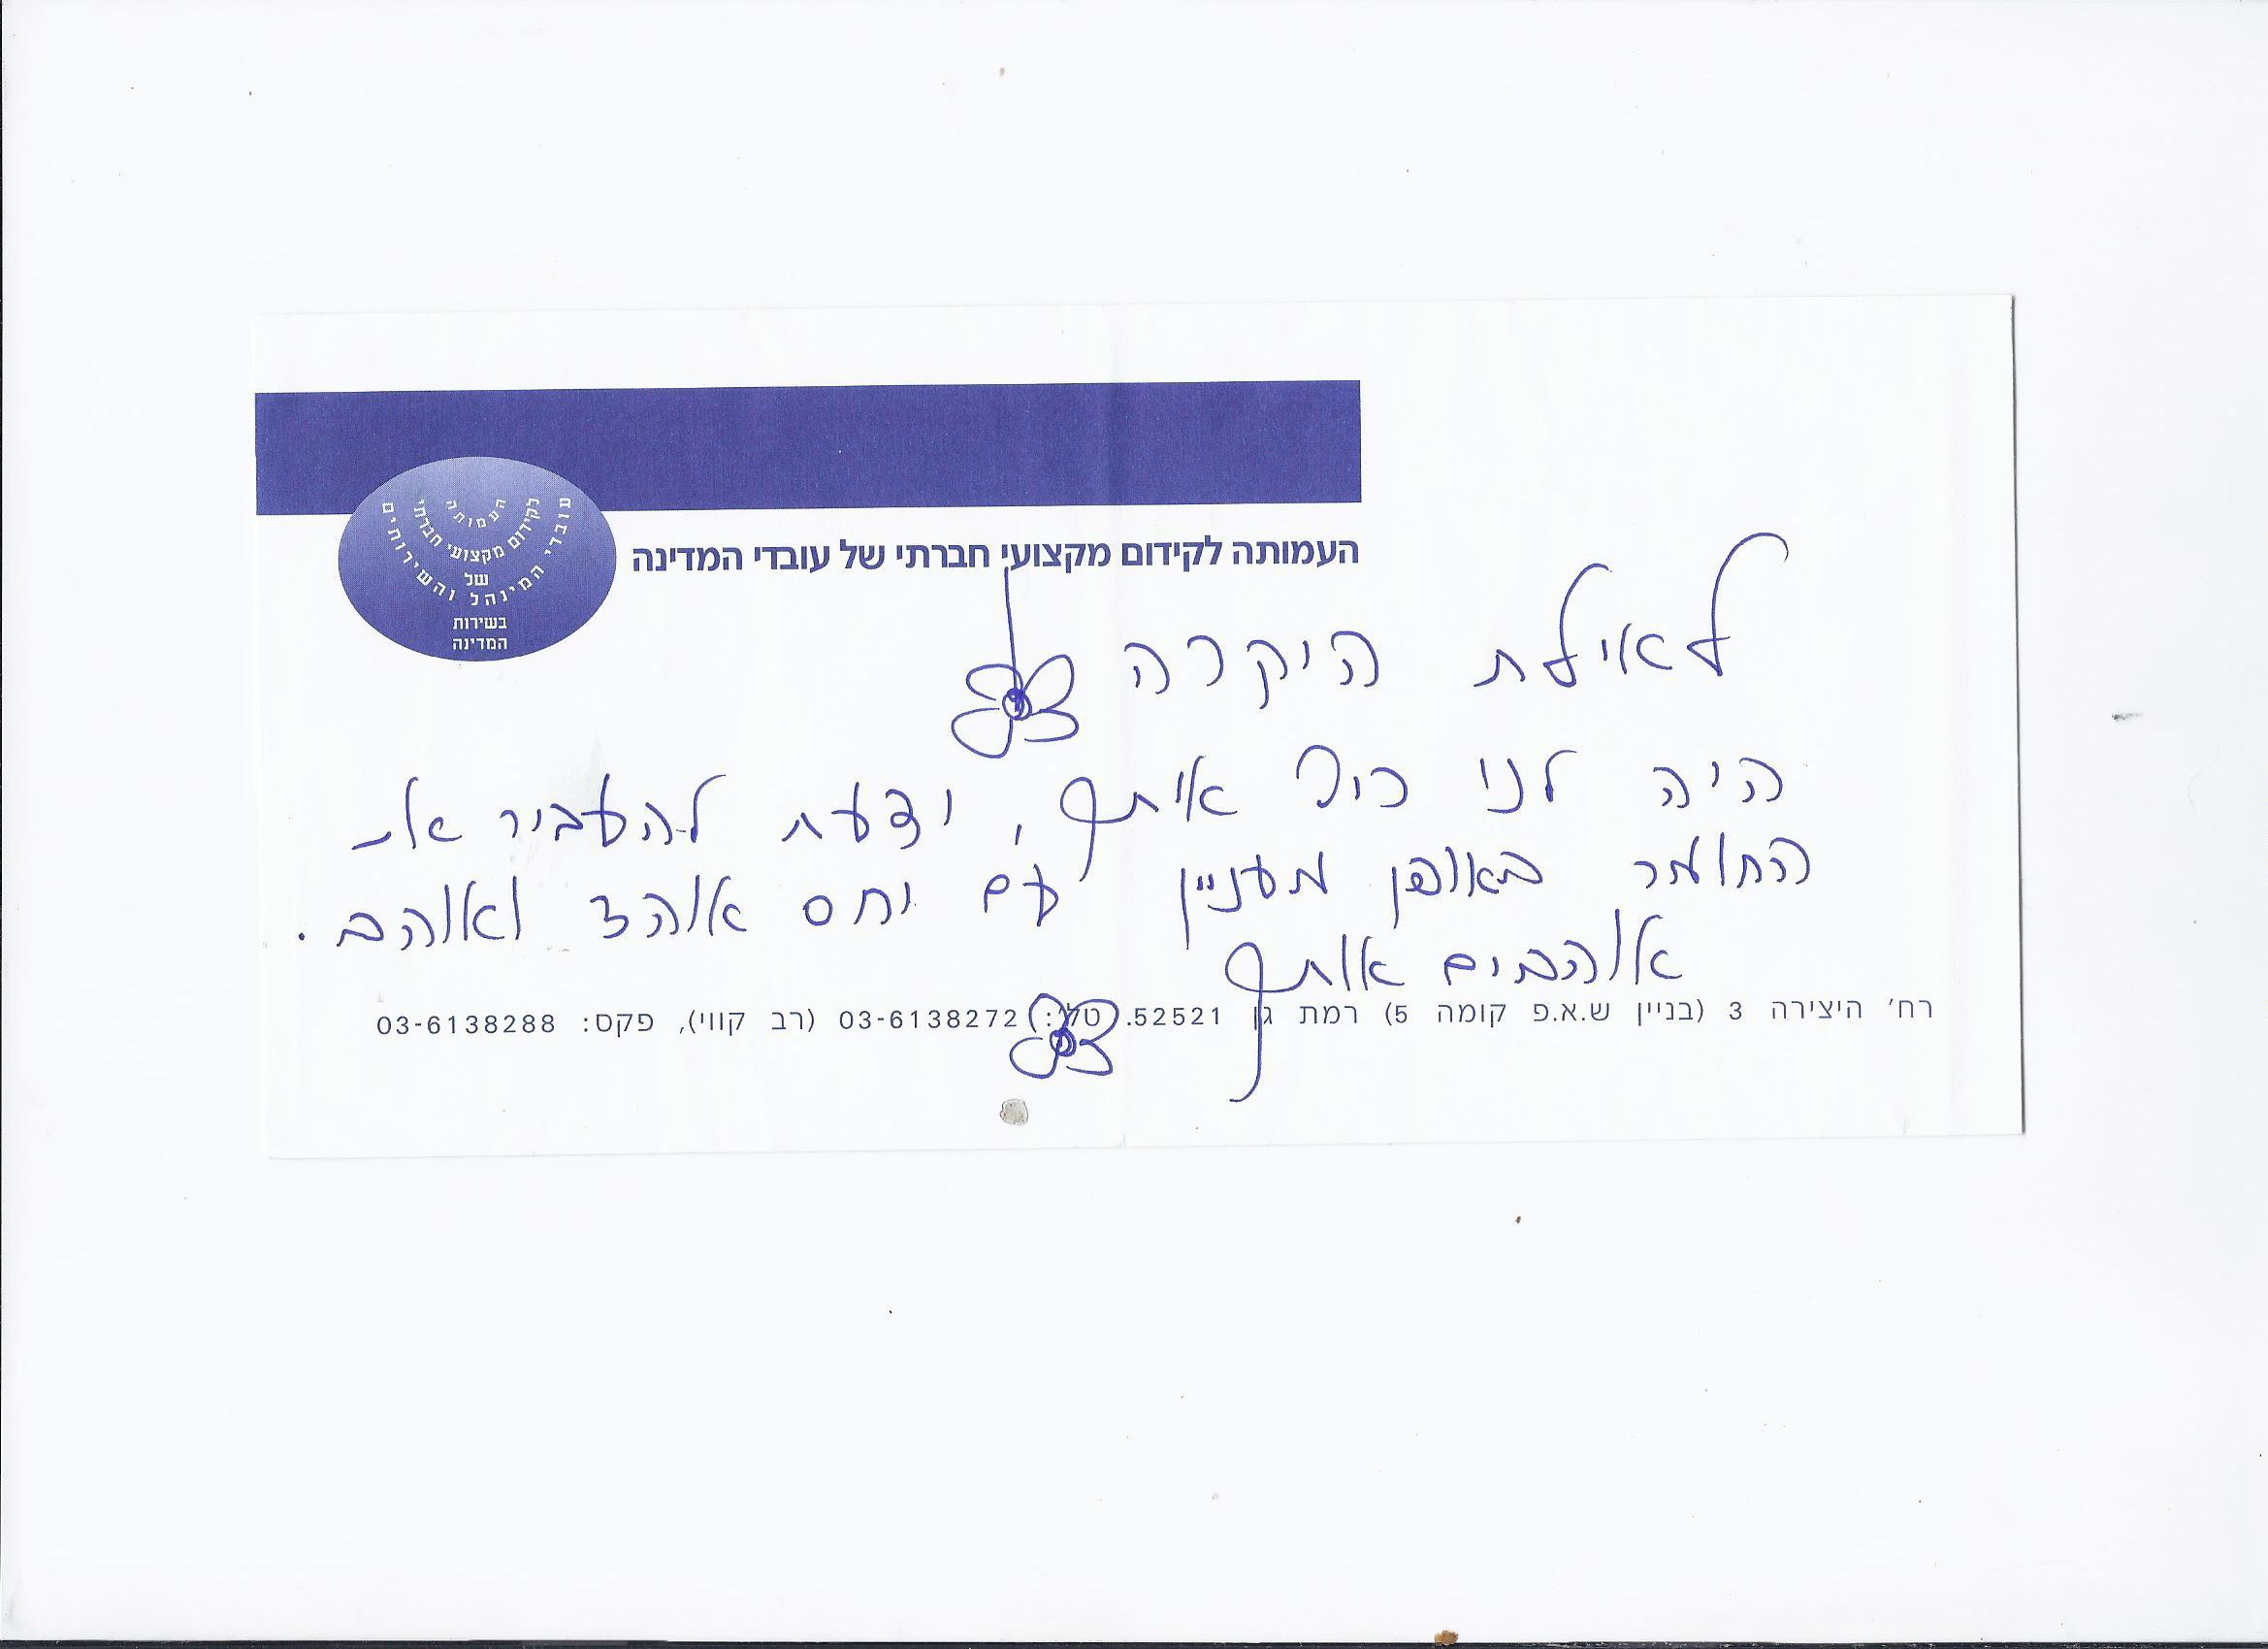 מכתב הערכה העמותה.jpg